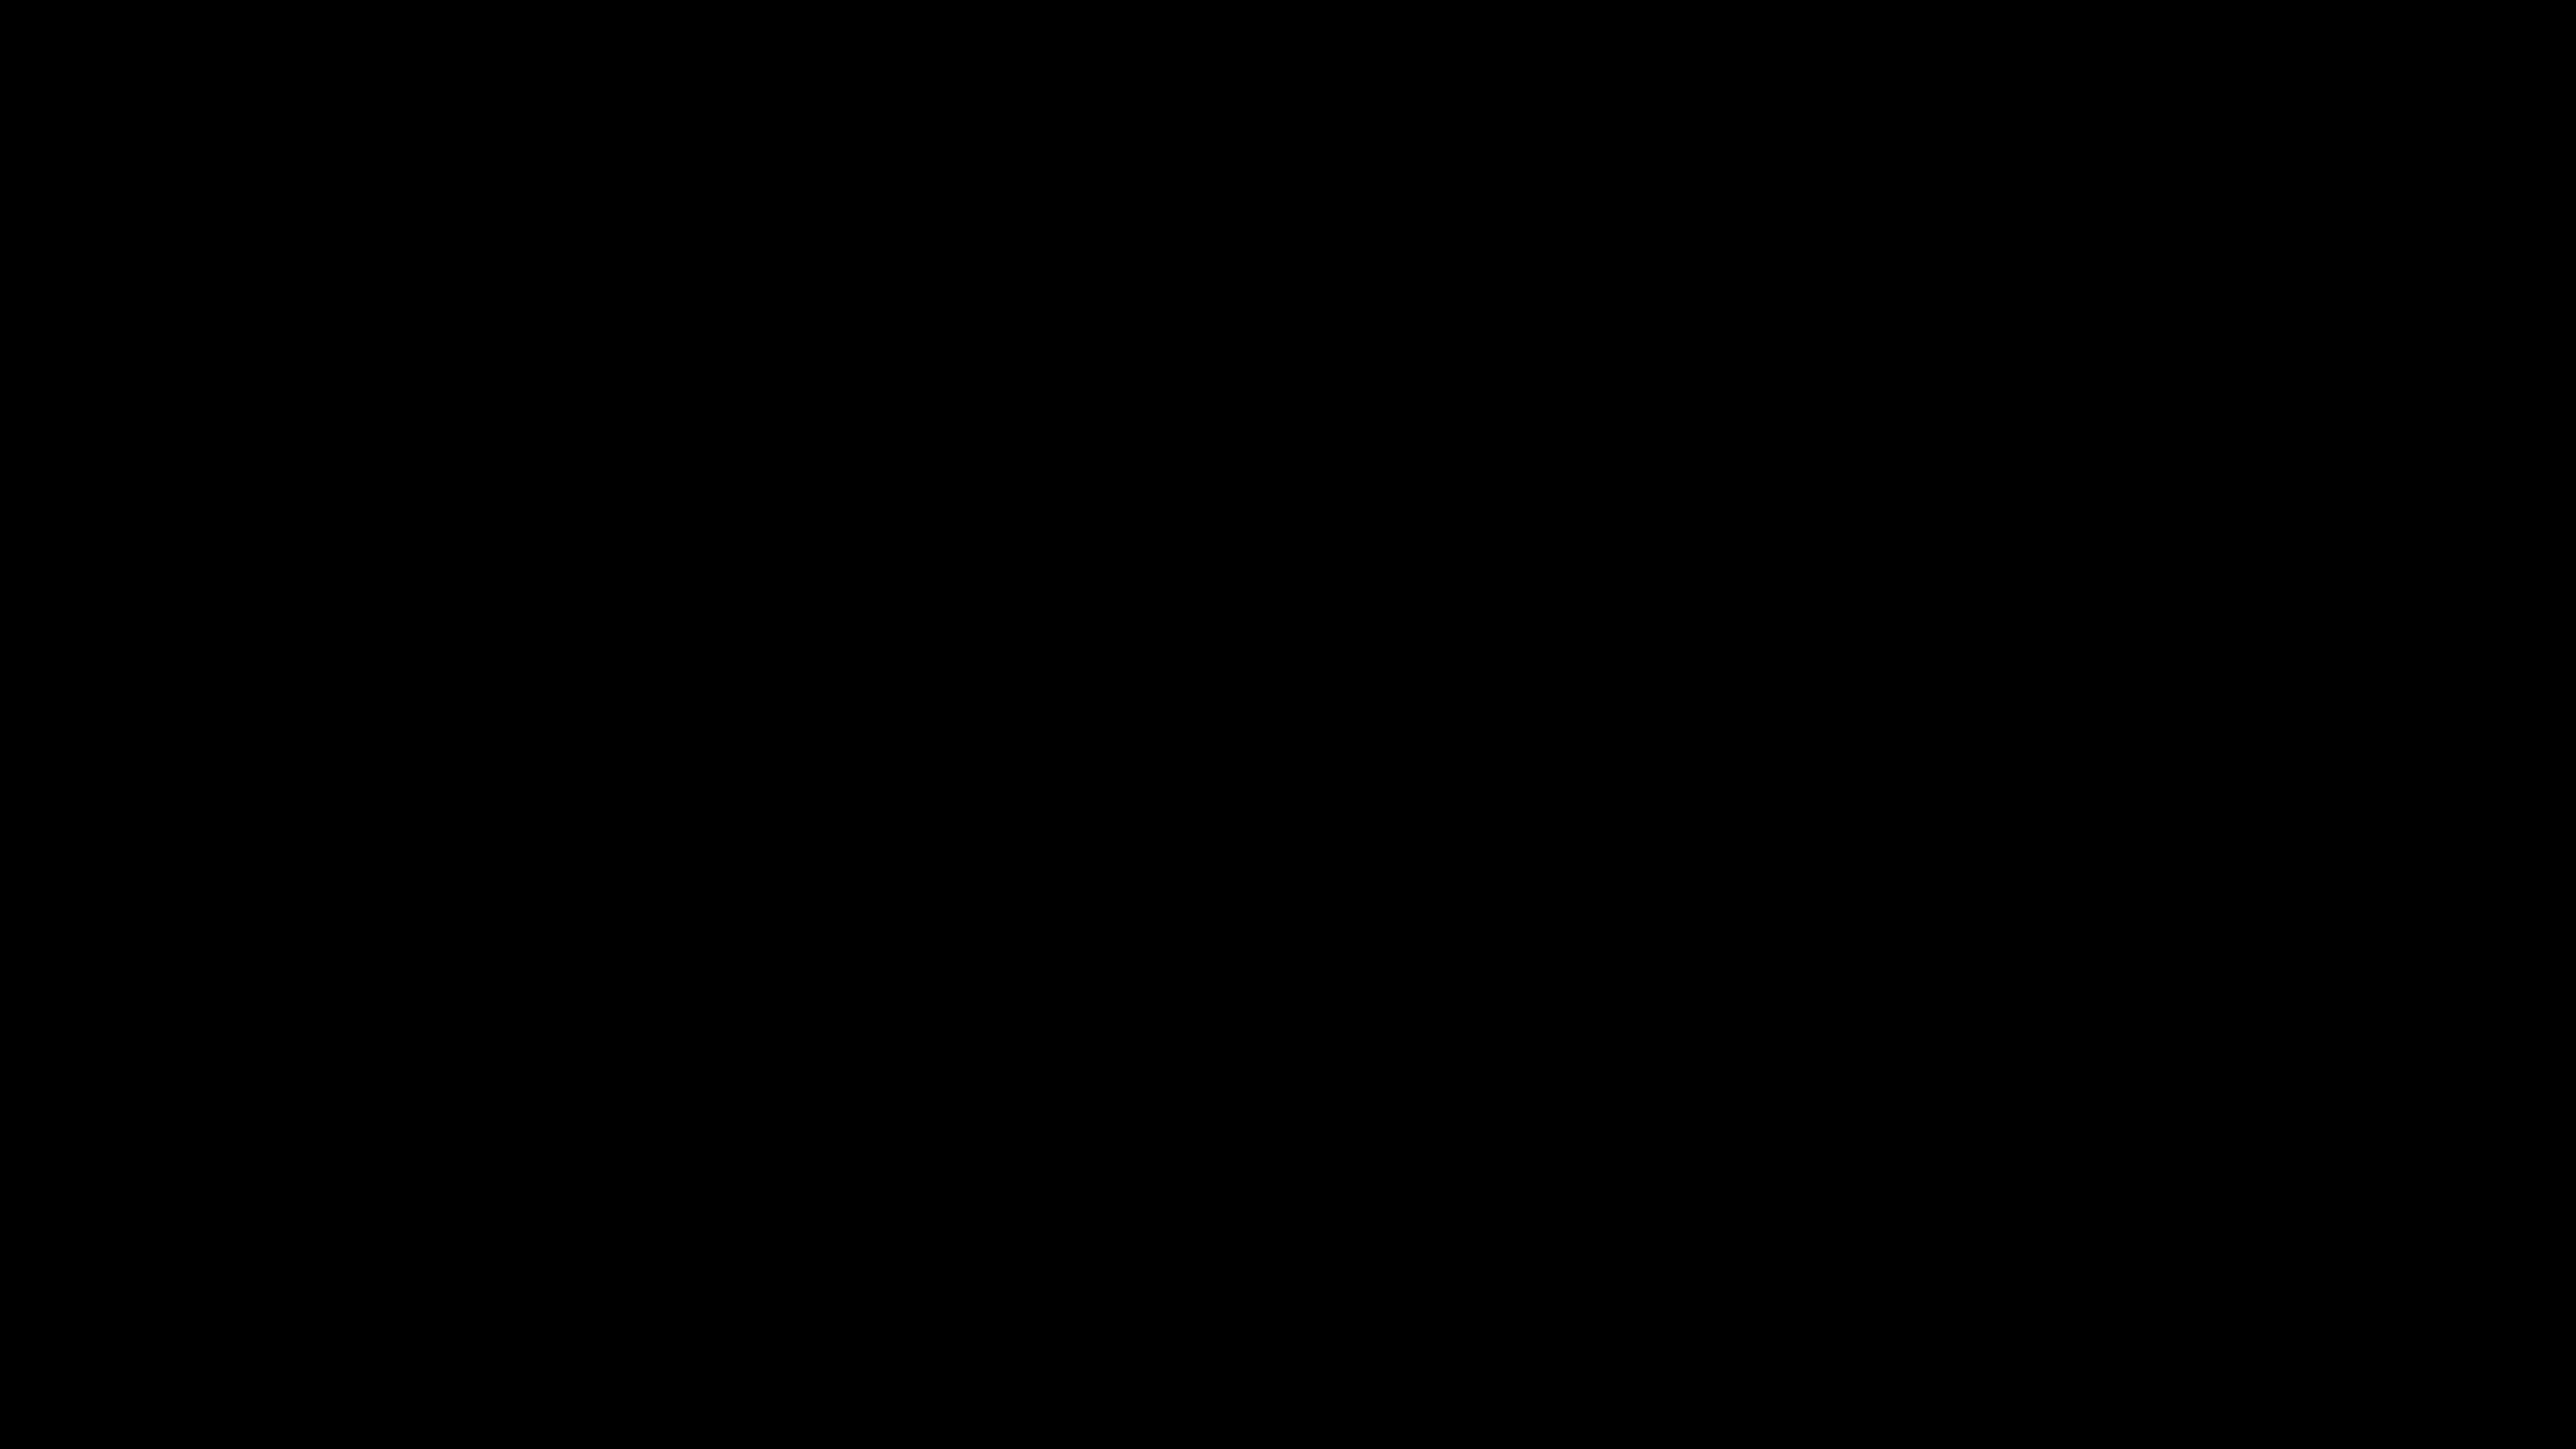 Mikil ánægja með starfsfólk félagsmiðstöðvanna